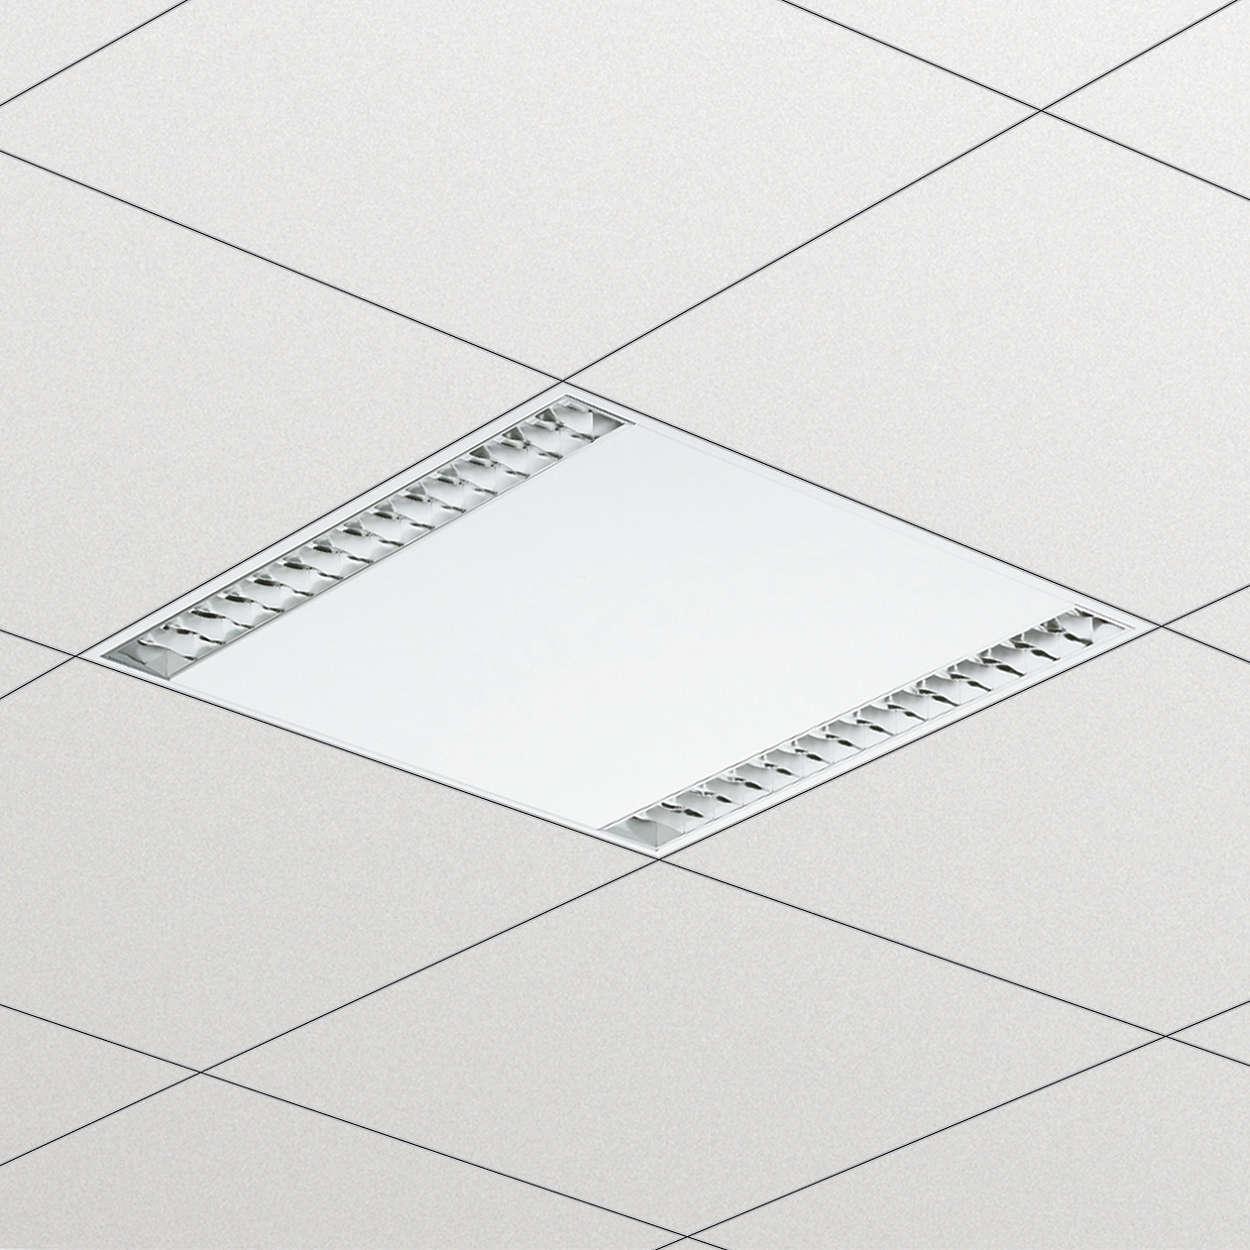 SmartForm – nový standard pro kancelářské osvětlení s použitím modulových zapuštěných svítidel